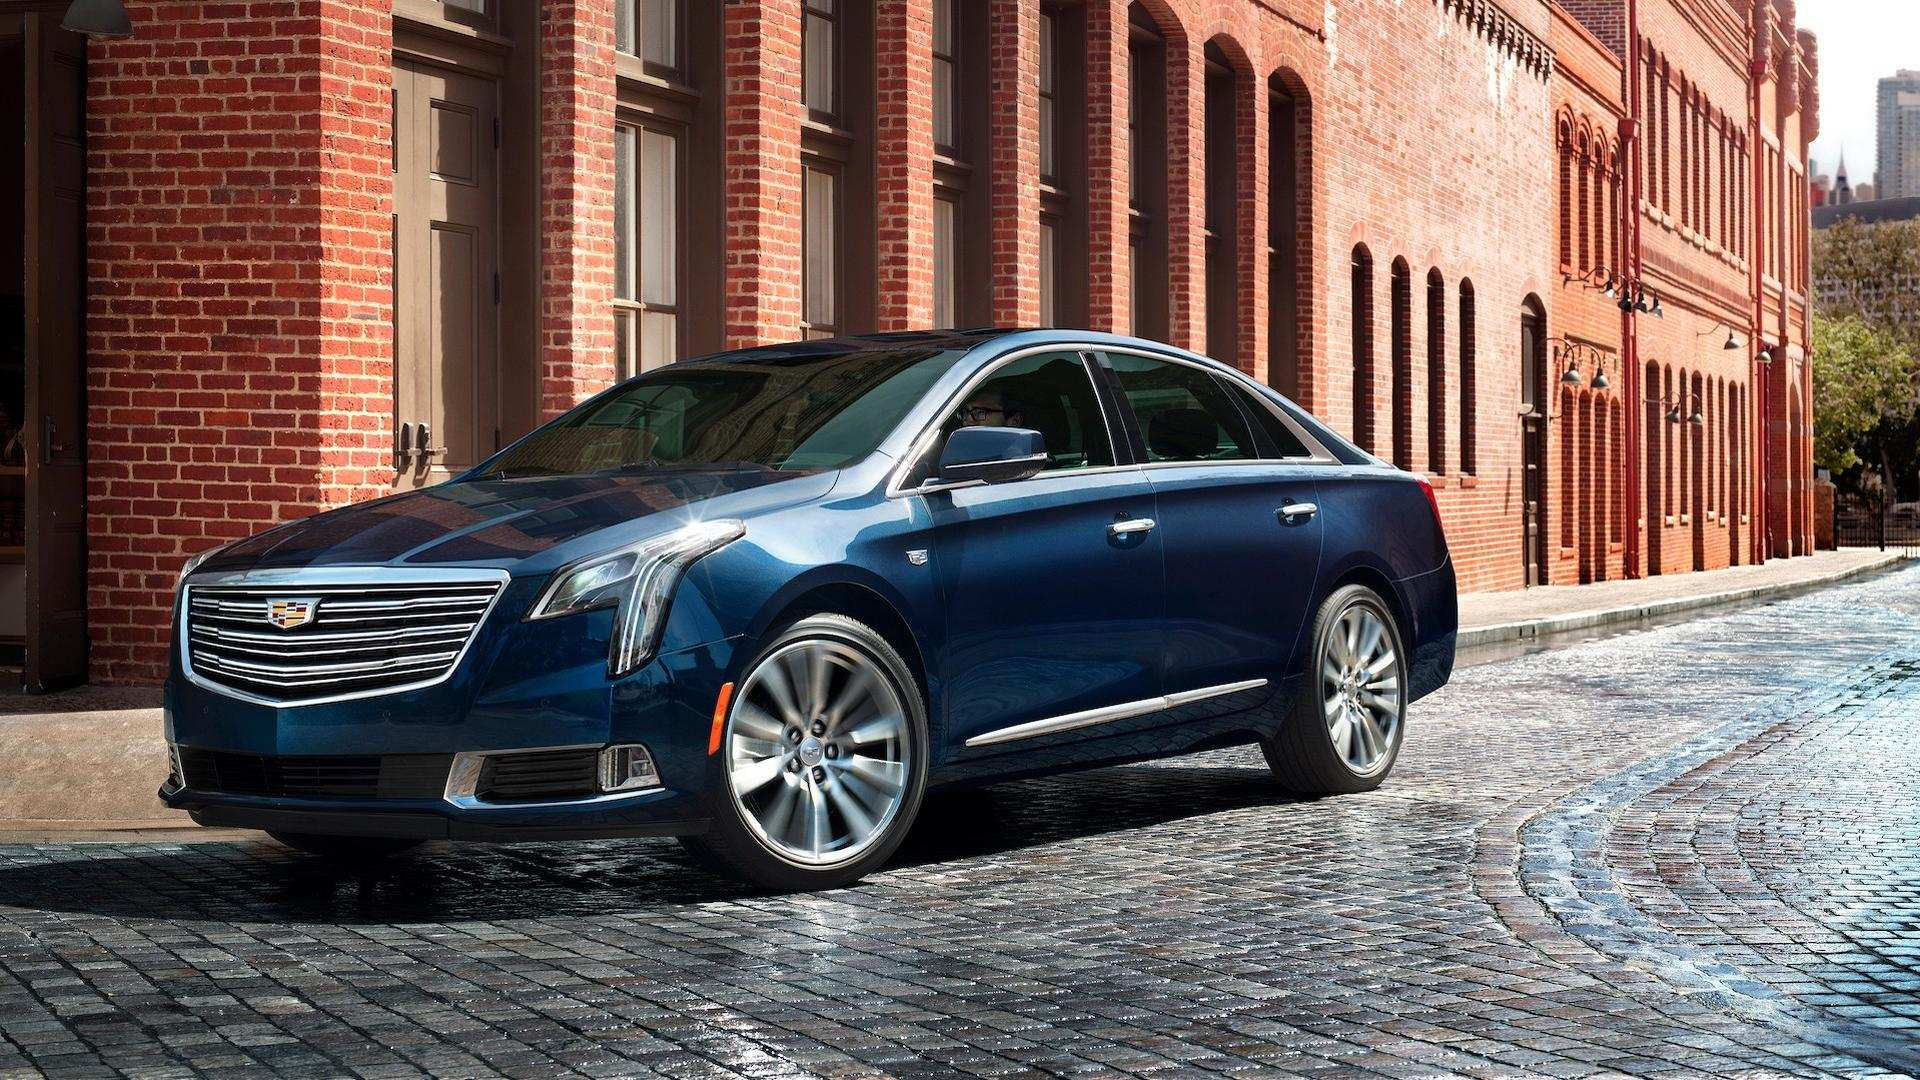 93 Gallery of Cadillac Ats 2020 Model with Cadillac Ats 2020